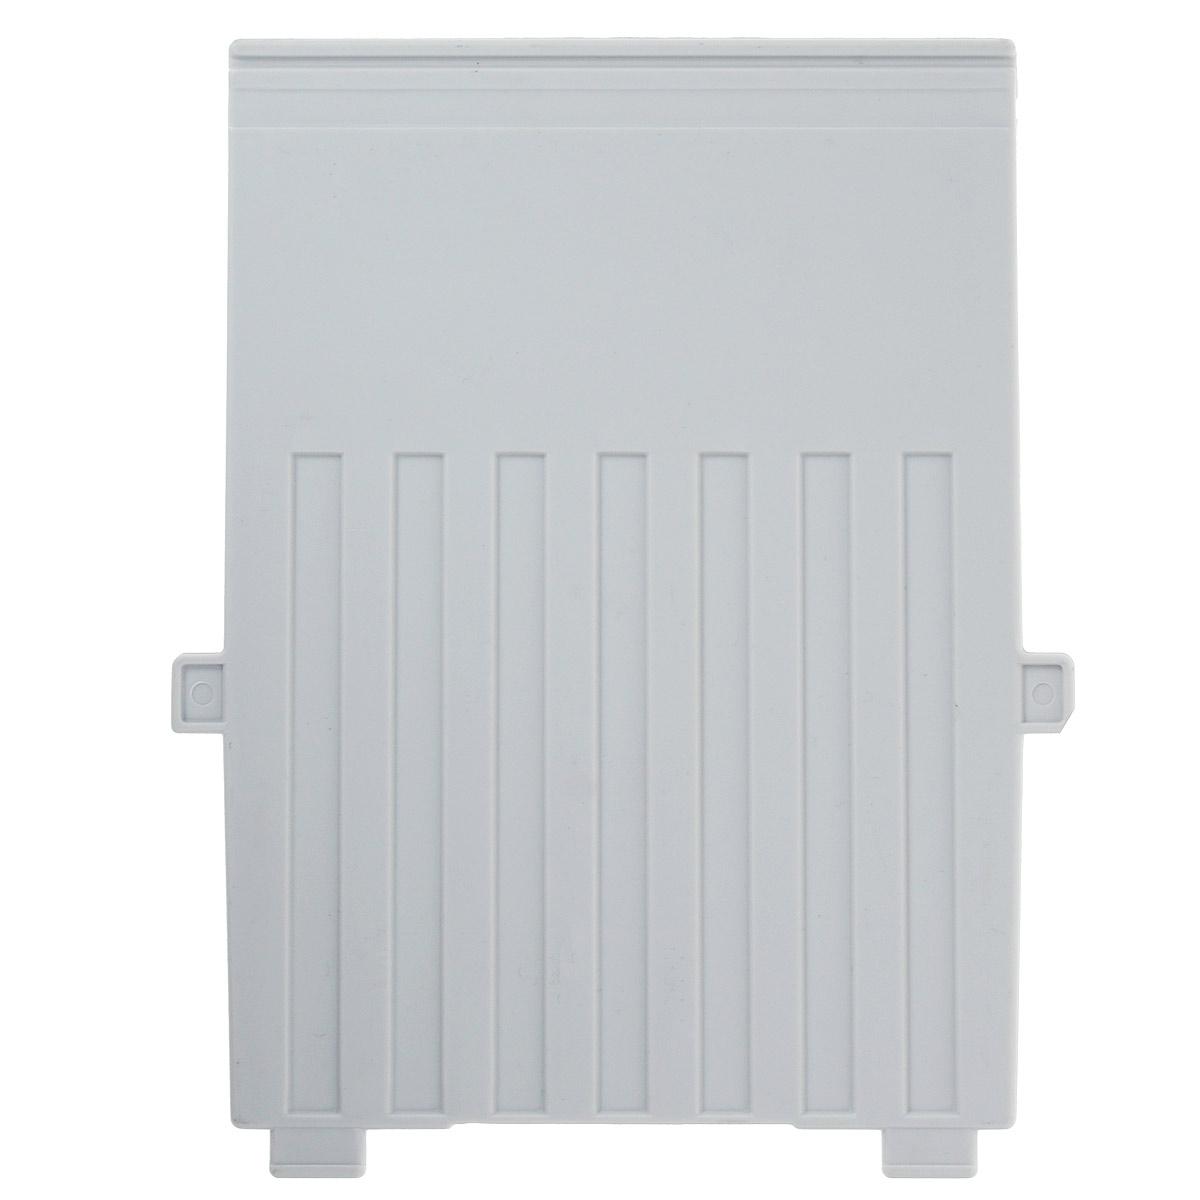 Разделитель для вертикальной картотеки Han, цвет: серый. Формат А6FS-00897Разделитель для картотеки Han изготовлен из пластика серого цвета. Предназначен для вертикальных картотек HAN. Имеется специальное поле для установки индексного окна (сверху).